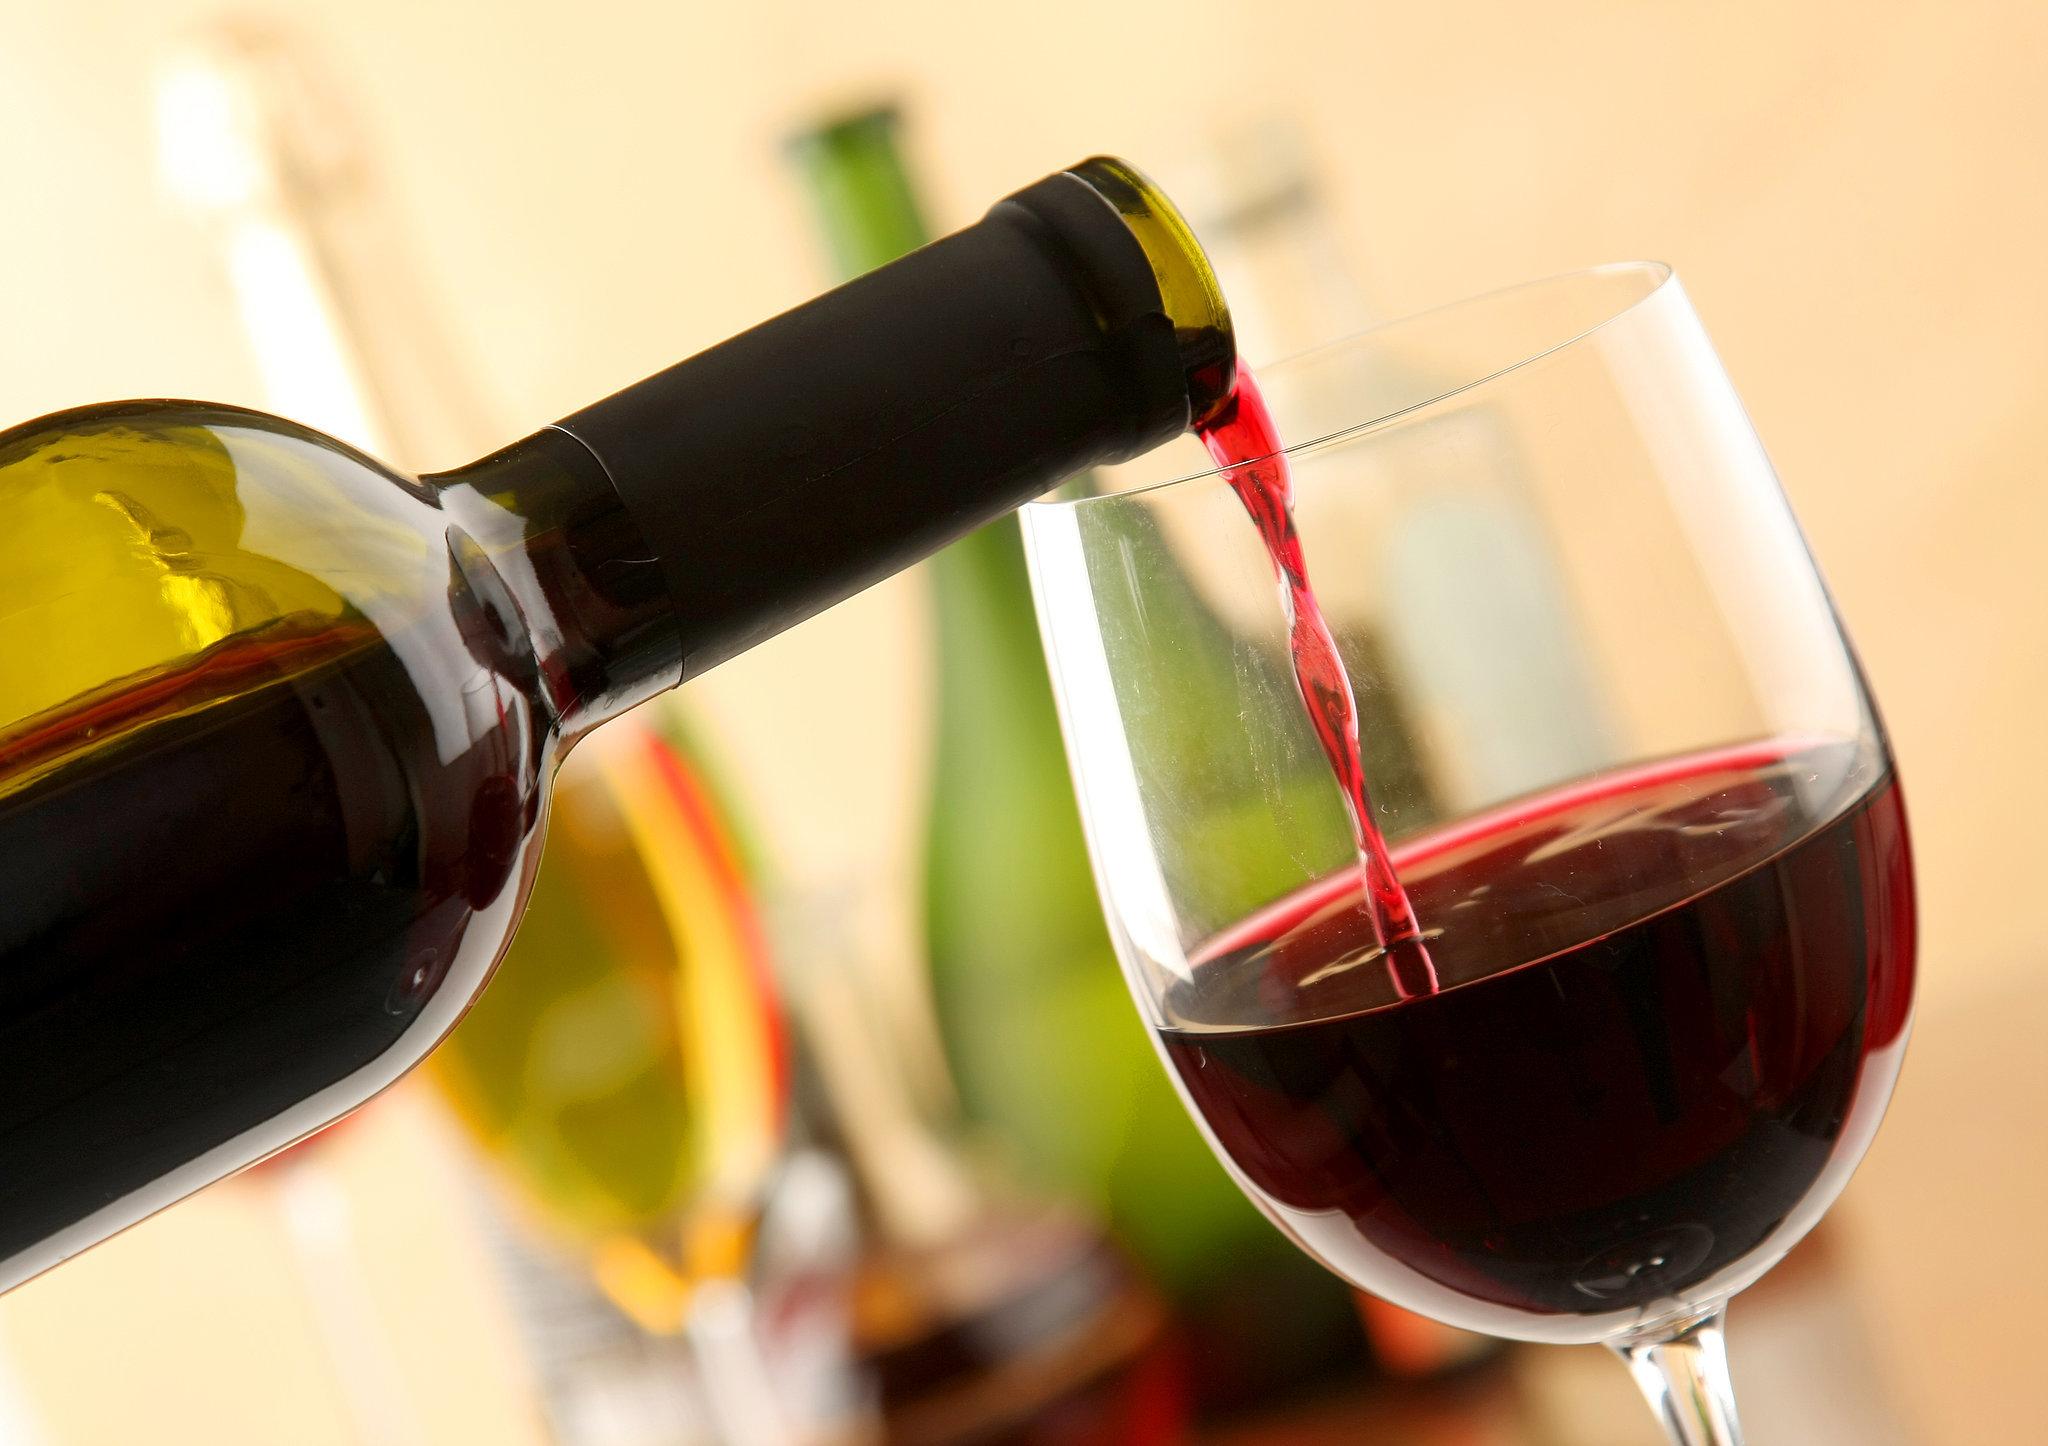 alkohollal kapcsolatos idézetek Quotations on Alcohol and Drinking/Alkohollal kapcsolatos idézetek